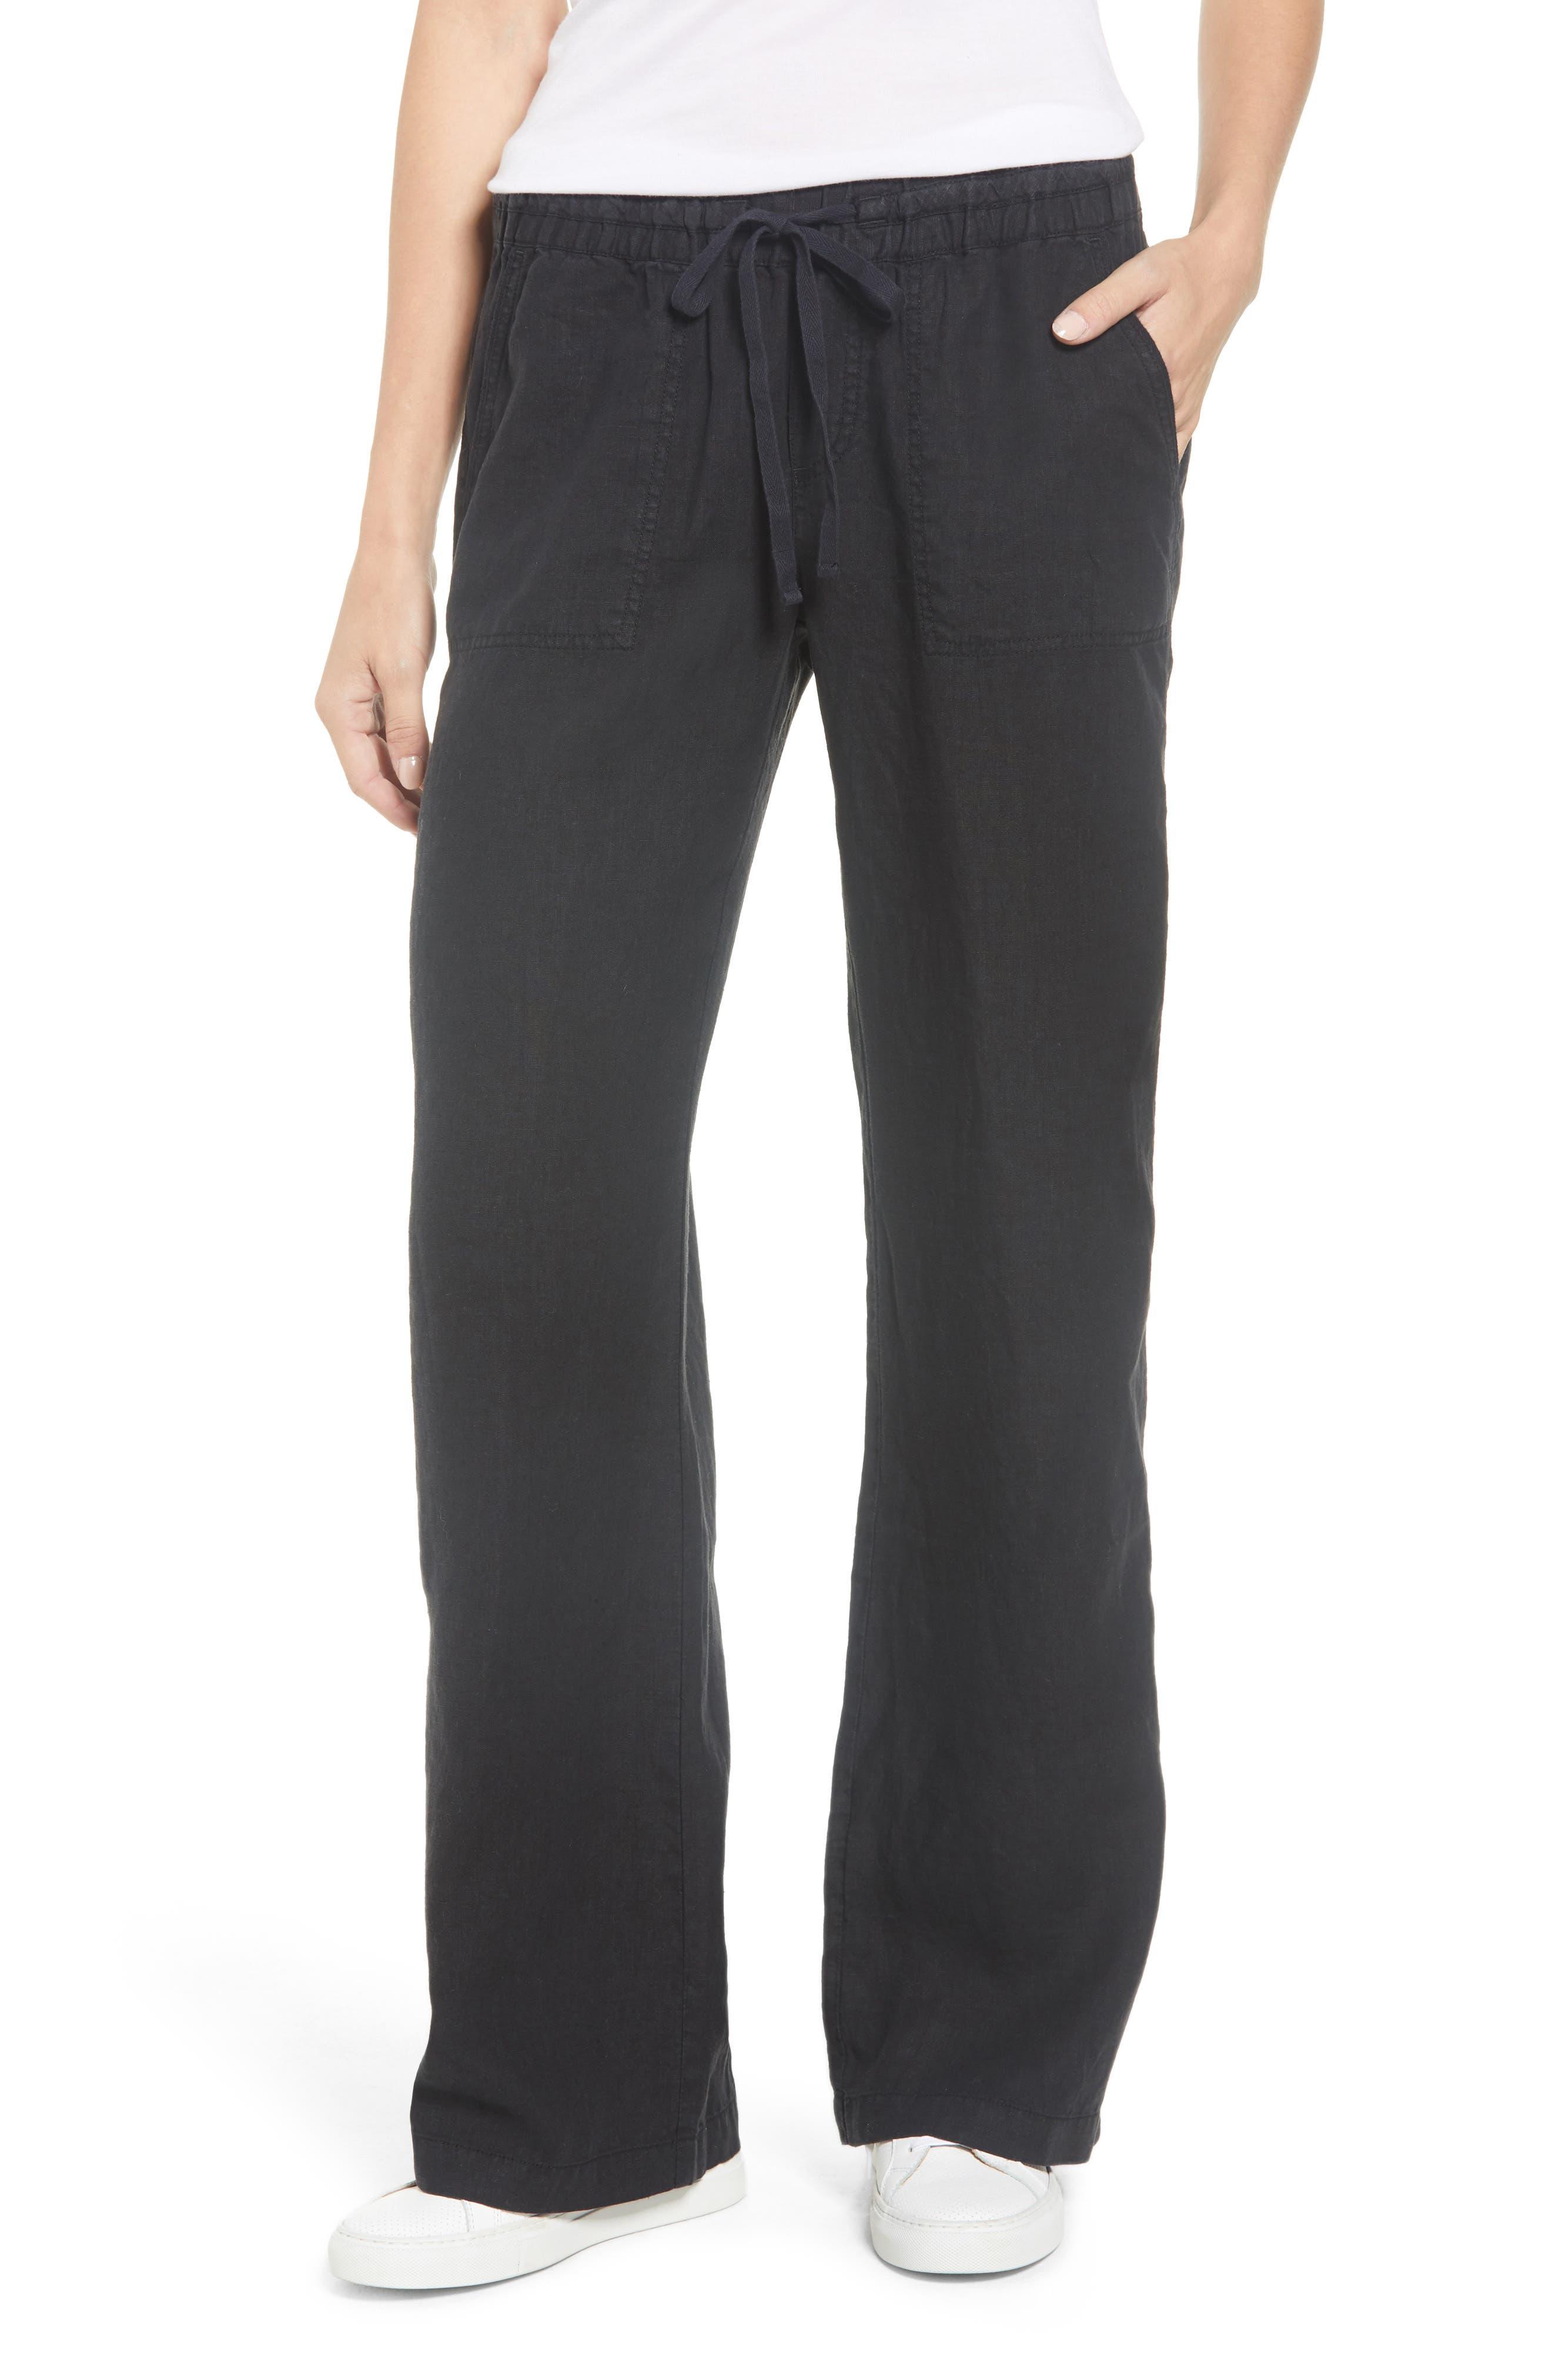 Petite Women's Caslon Linen Pants